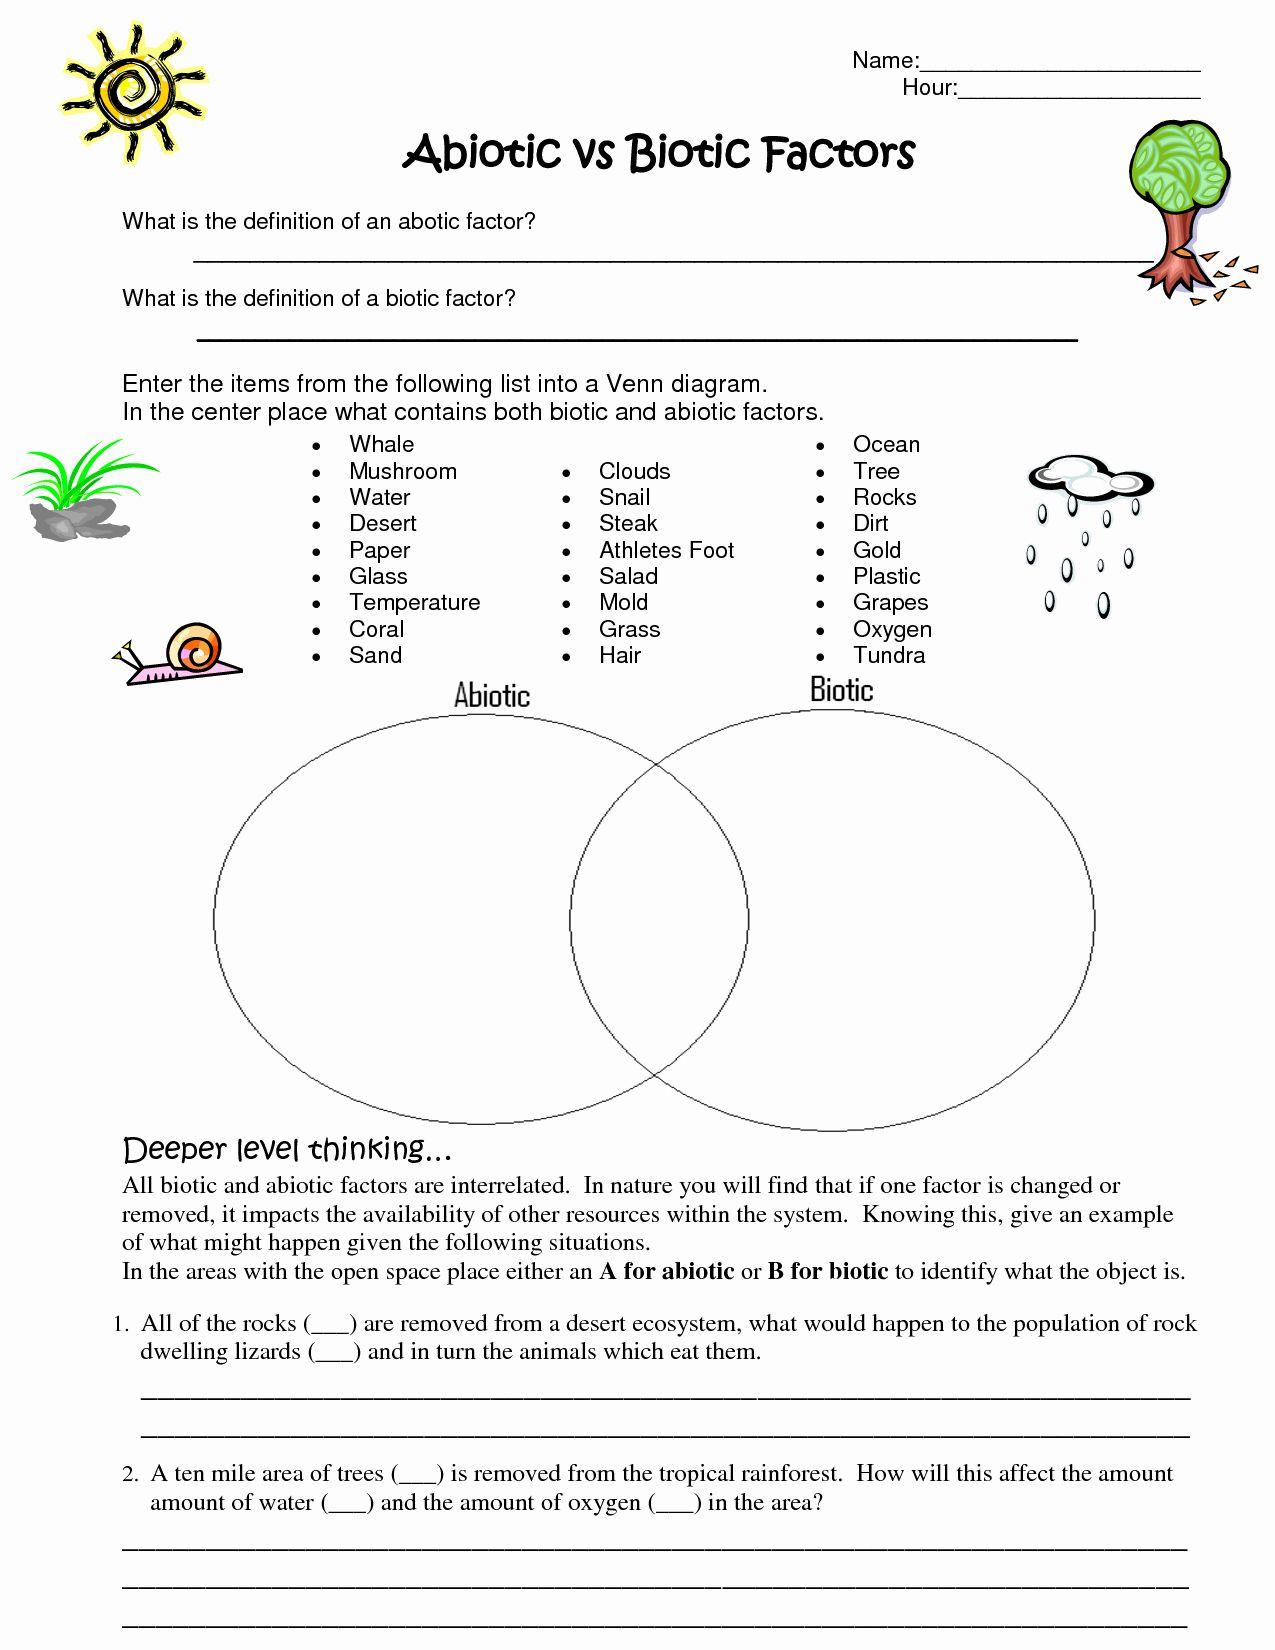 Abiotic And Biotic Factors Worksheet Fresh Biotic Vs Abiotic Lessons Tes In 2020 Science Worksheets Science Lessons Teaching Biology